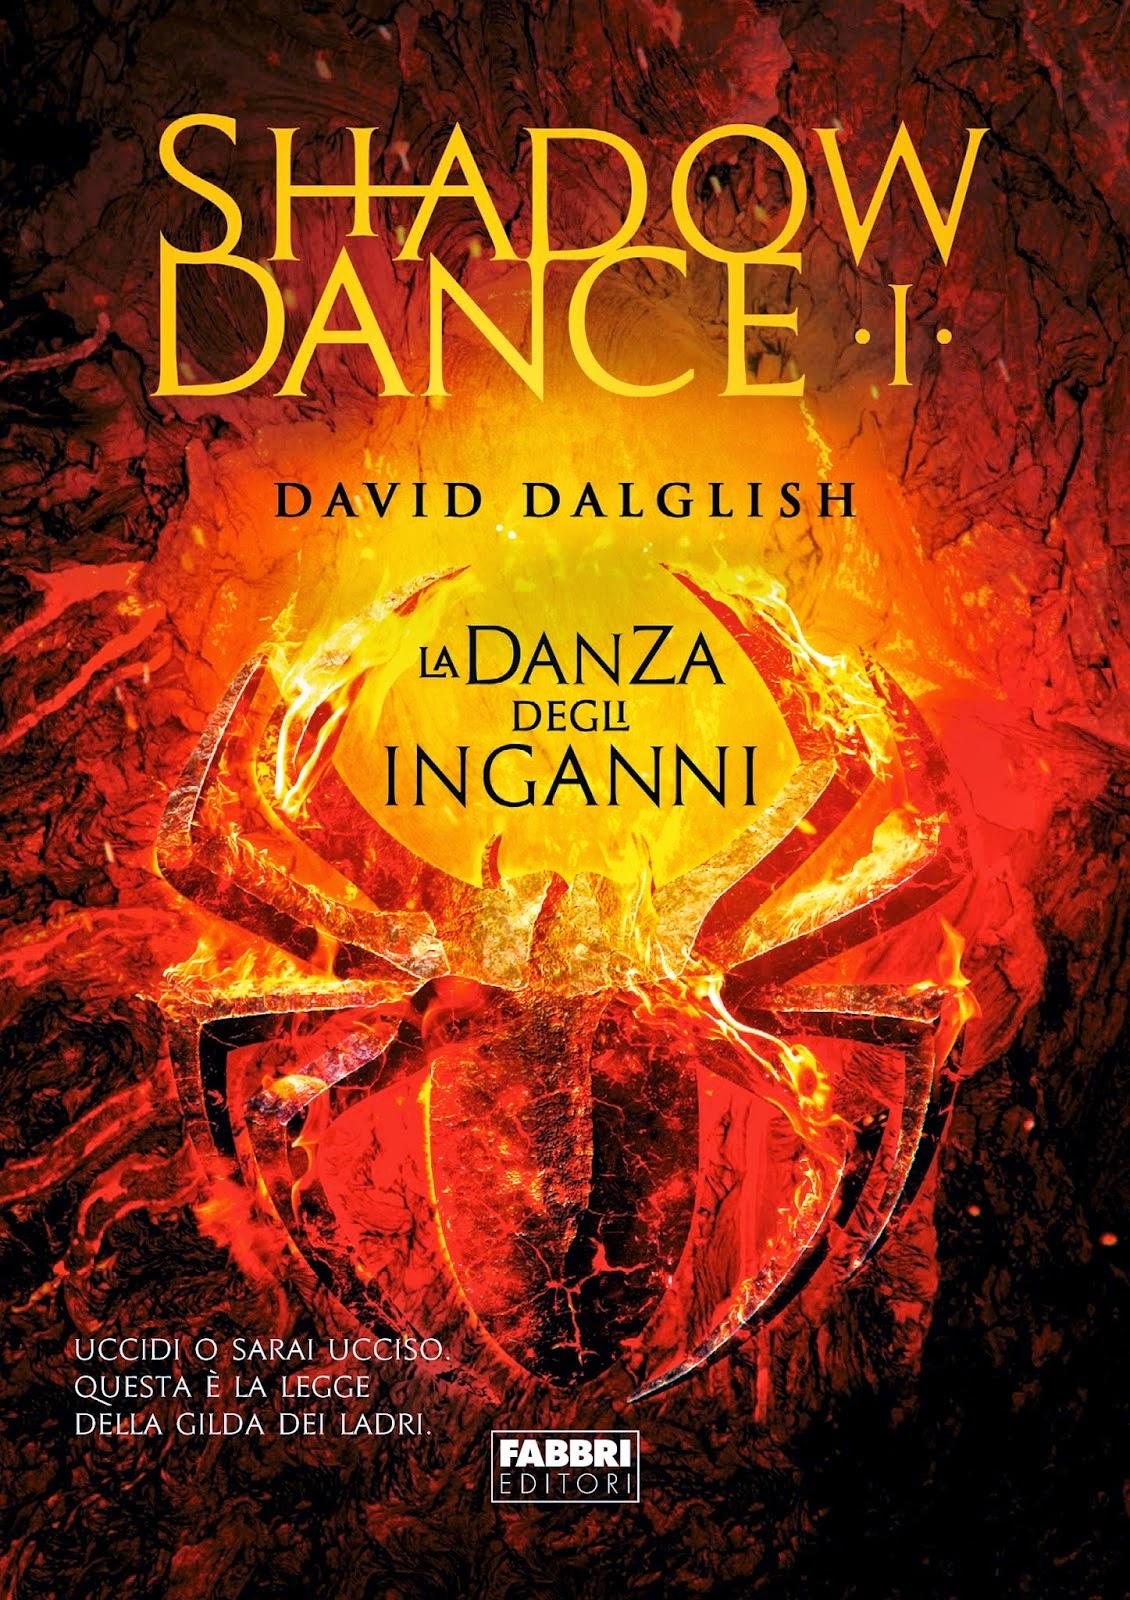 shadowdance1 - la danza degli inganni - le tazzine di yoko